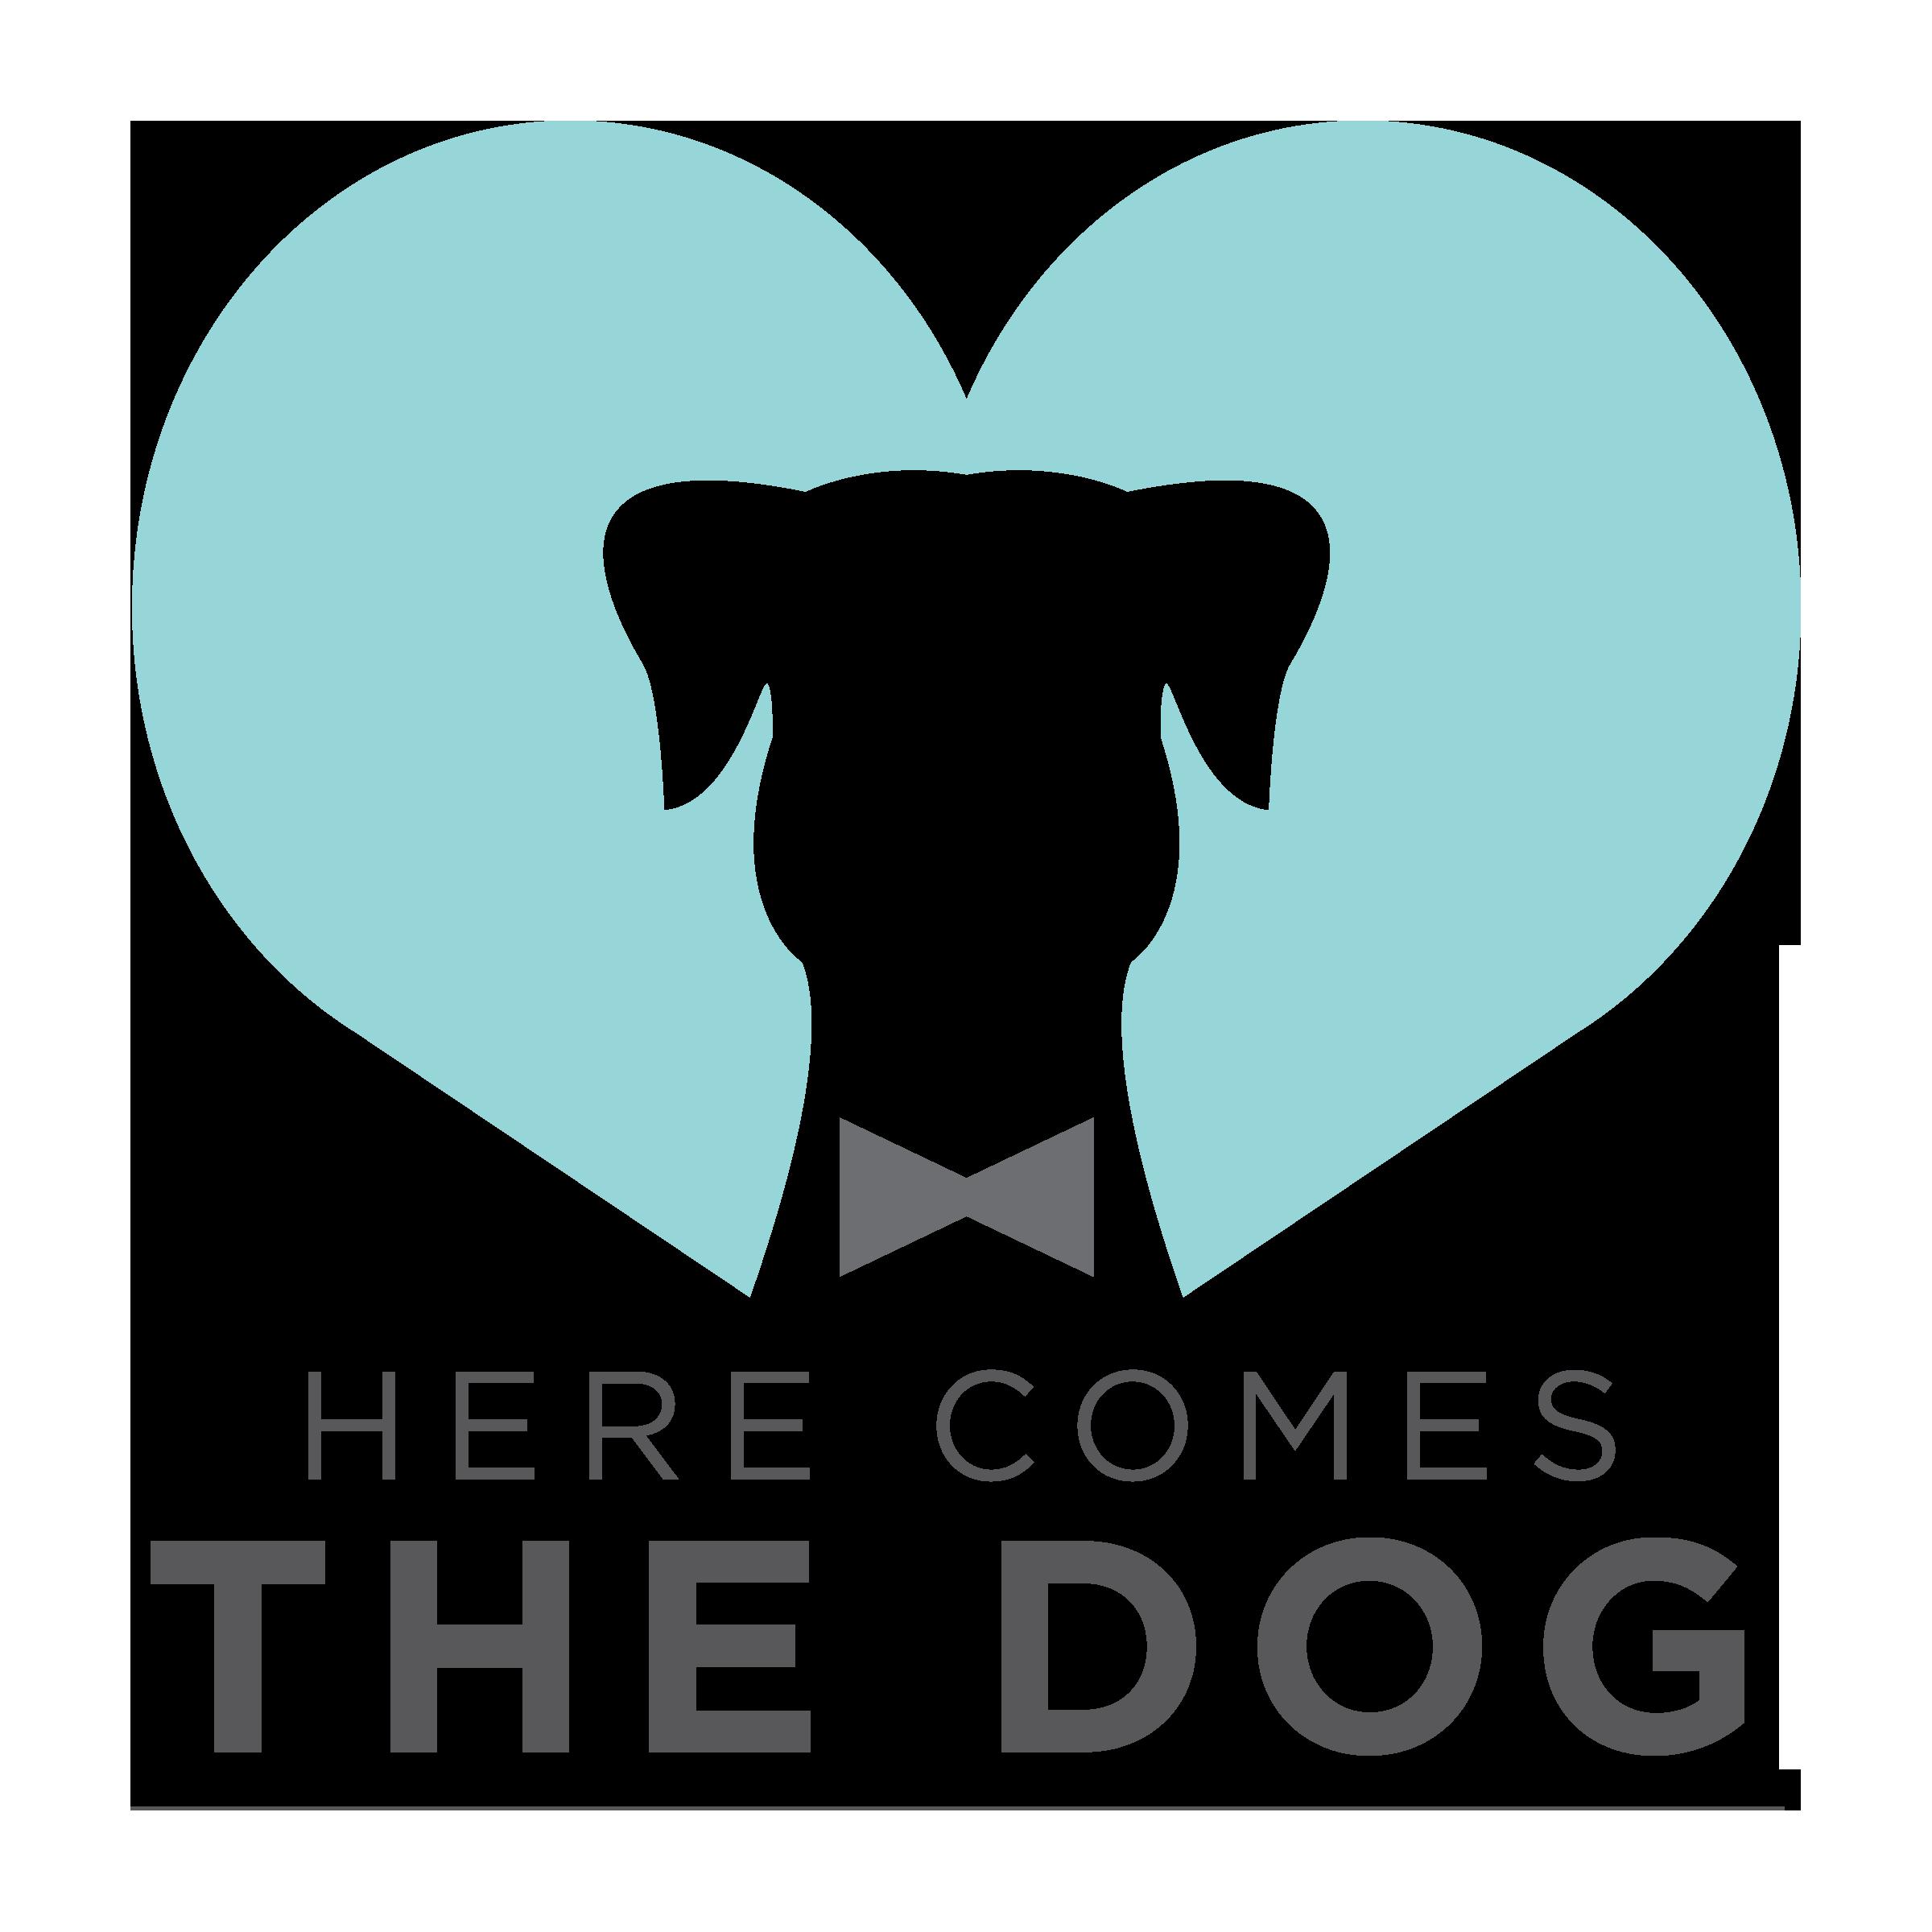 HereComesTheDog_logo_FINAL.png